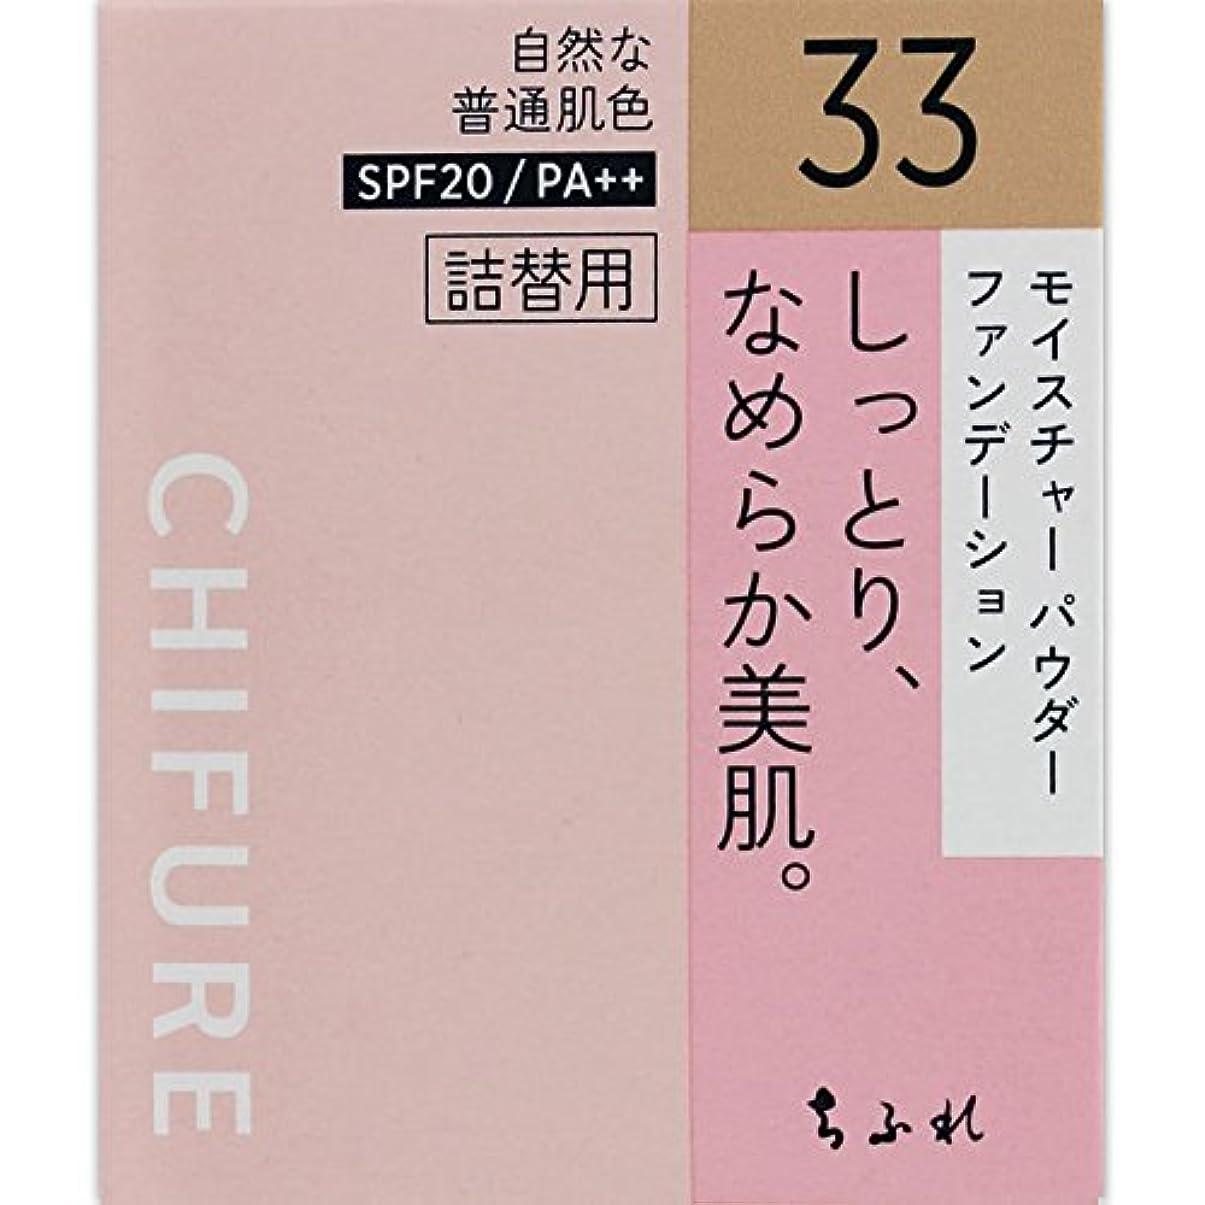 発行する責任者メリーちふれ化粧品 モイスチャー パウダーファンデーション 詰替用 オークル系 MパウダーFD詰替用33